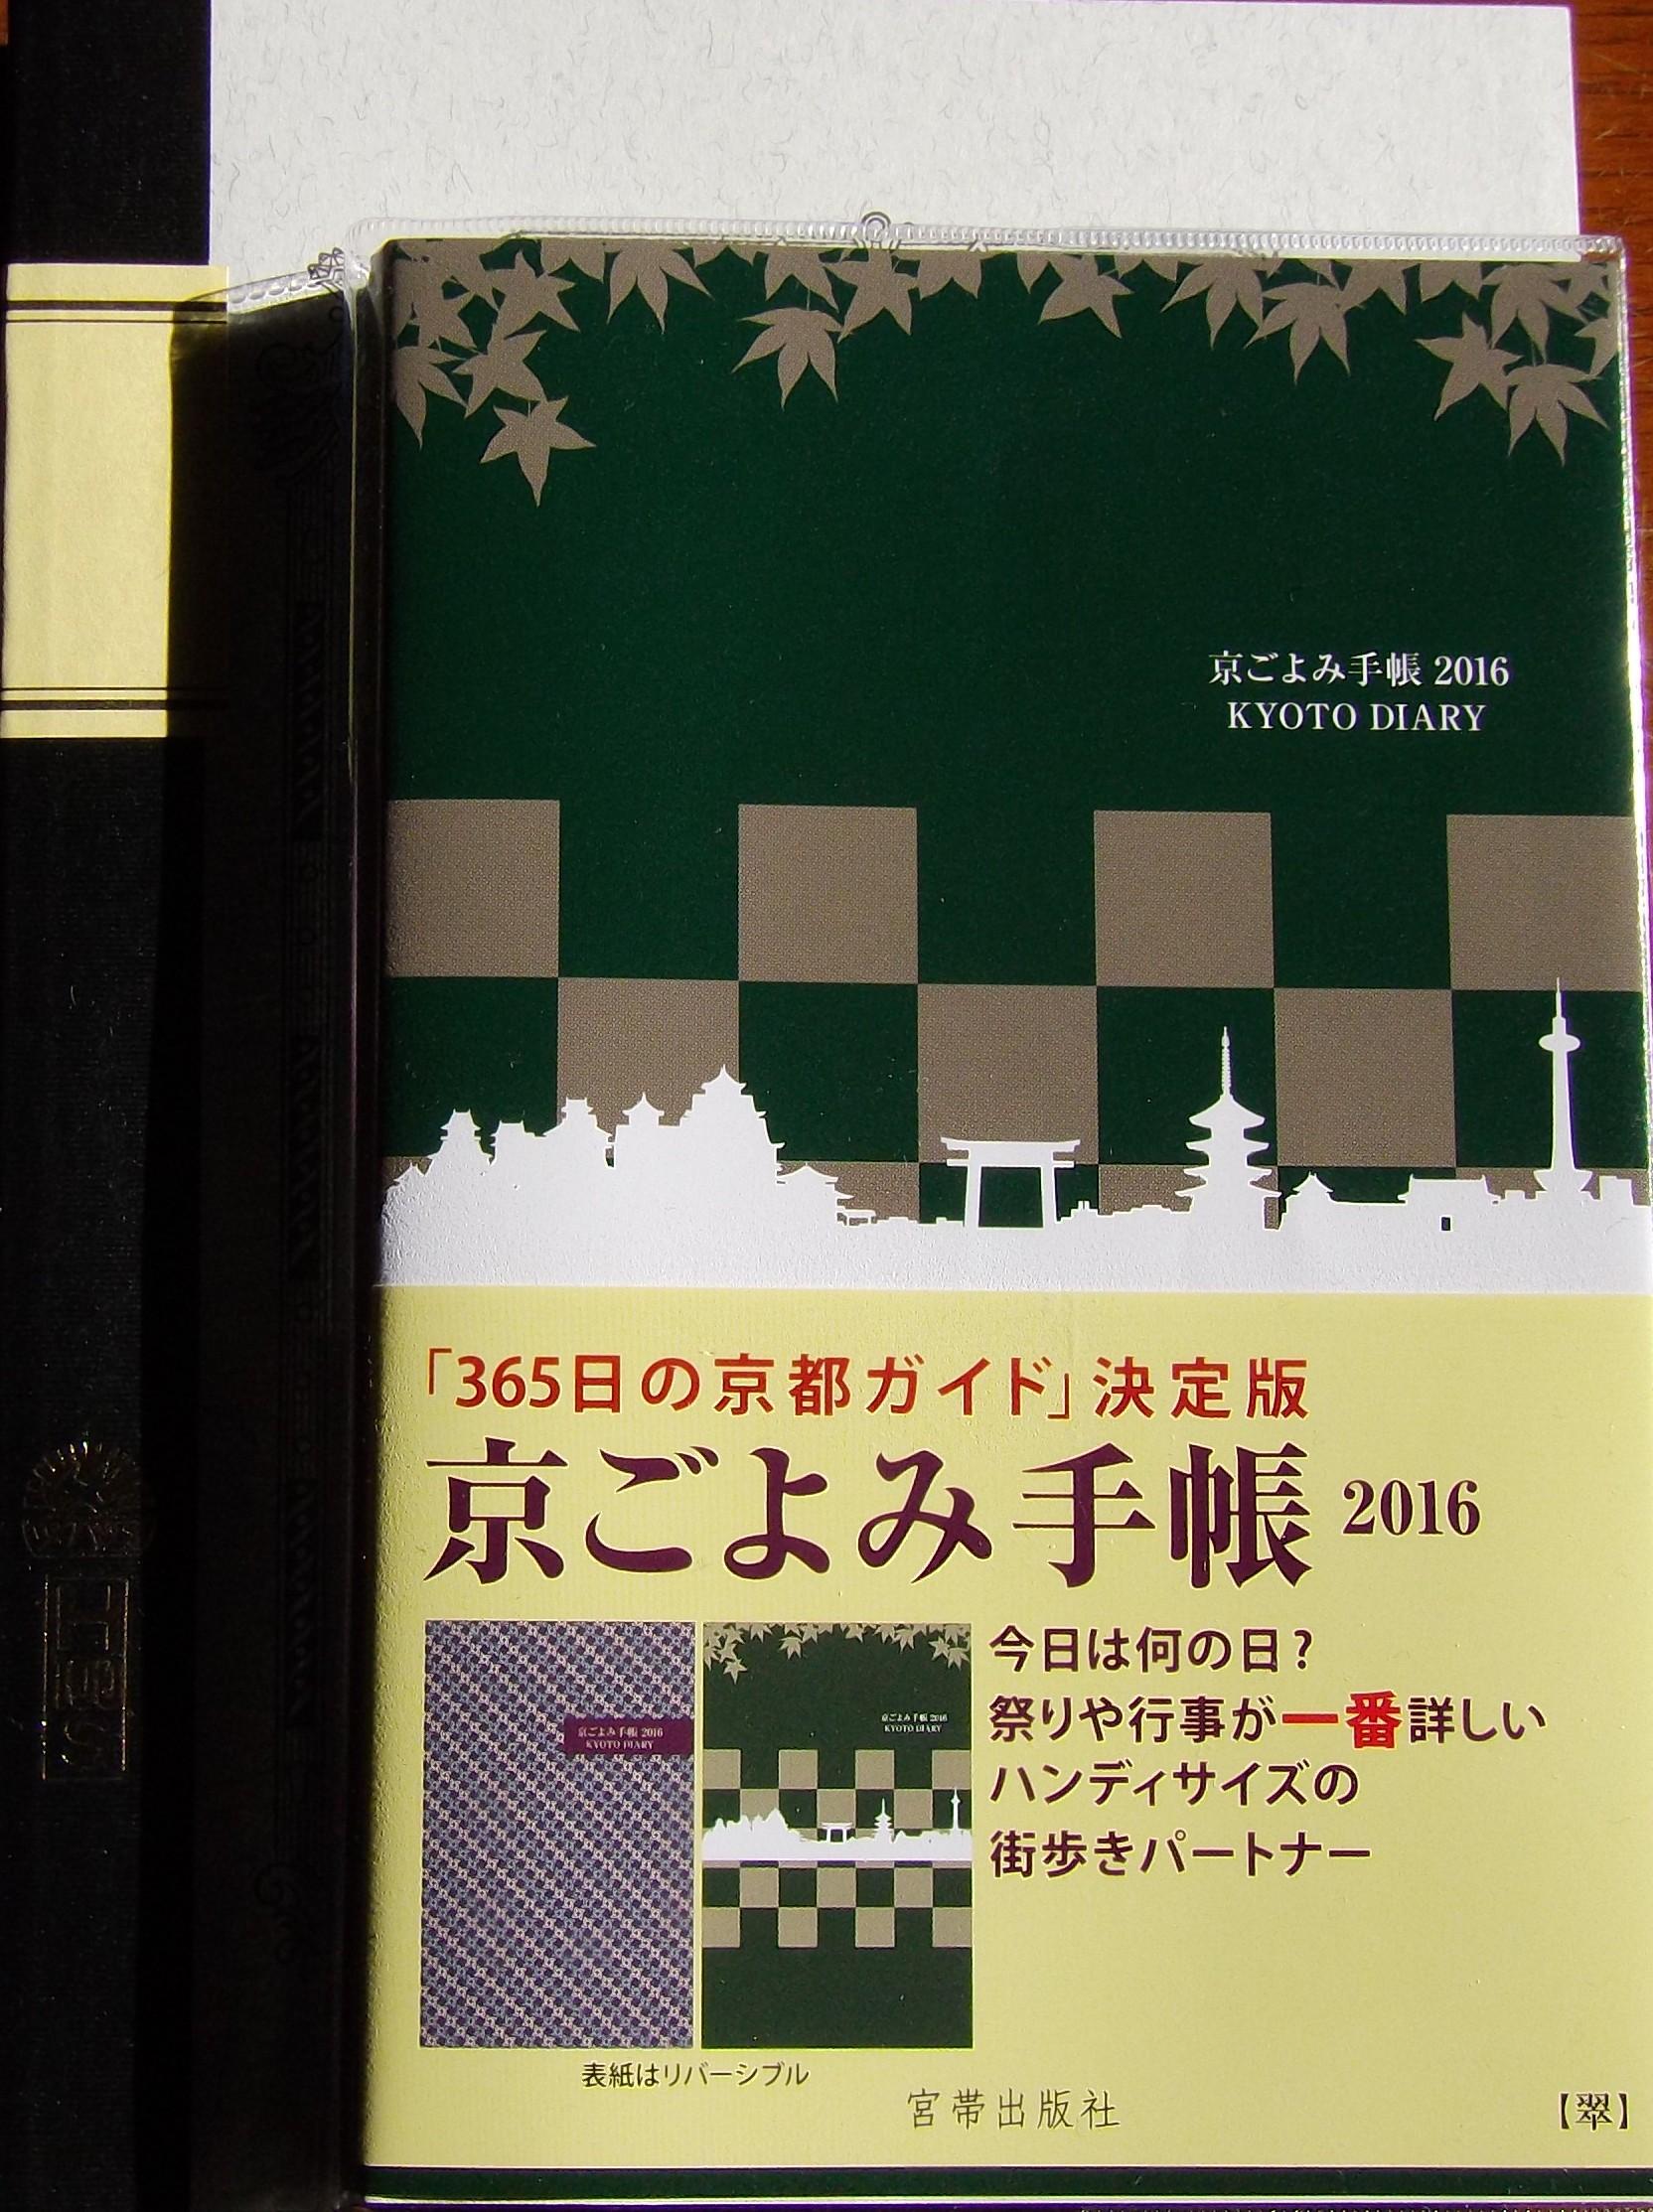 京ごよみ手帳2016の表面